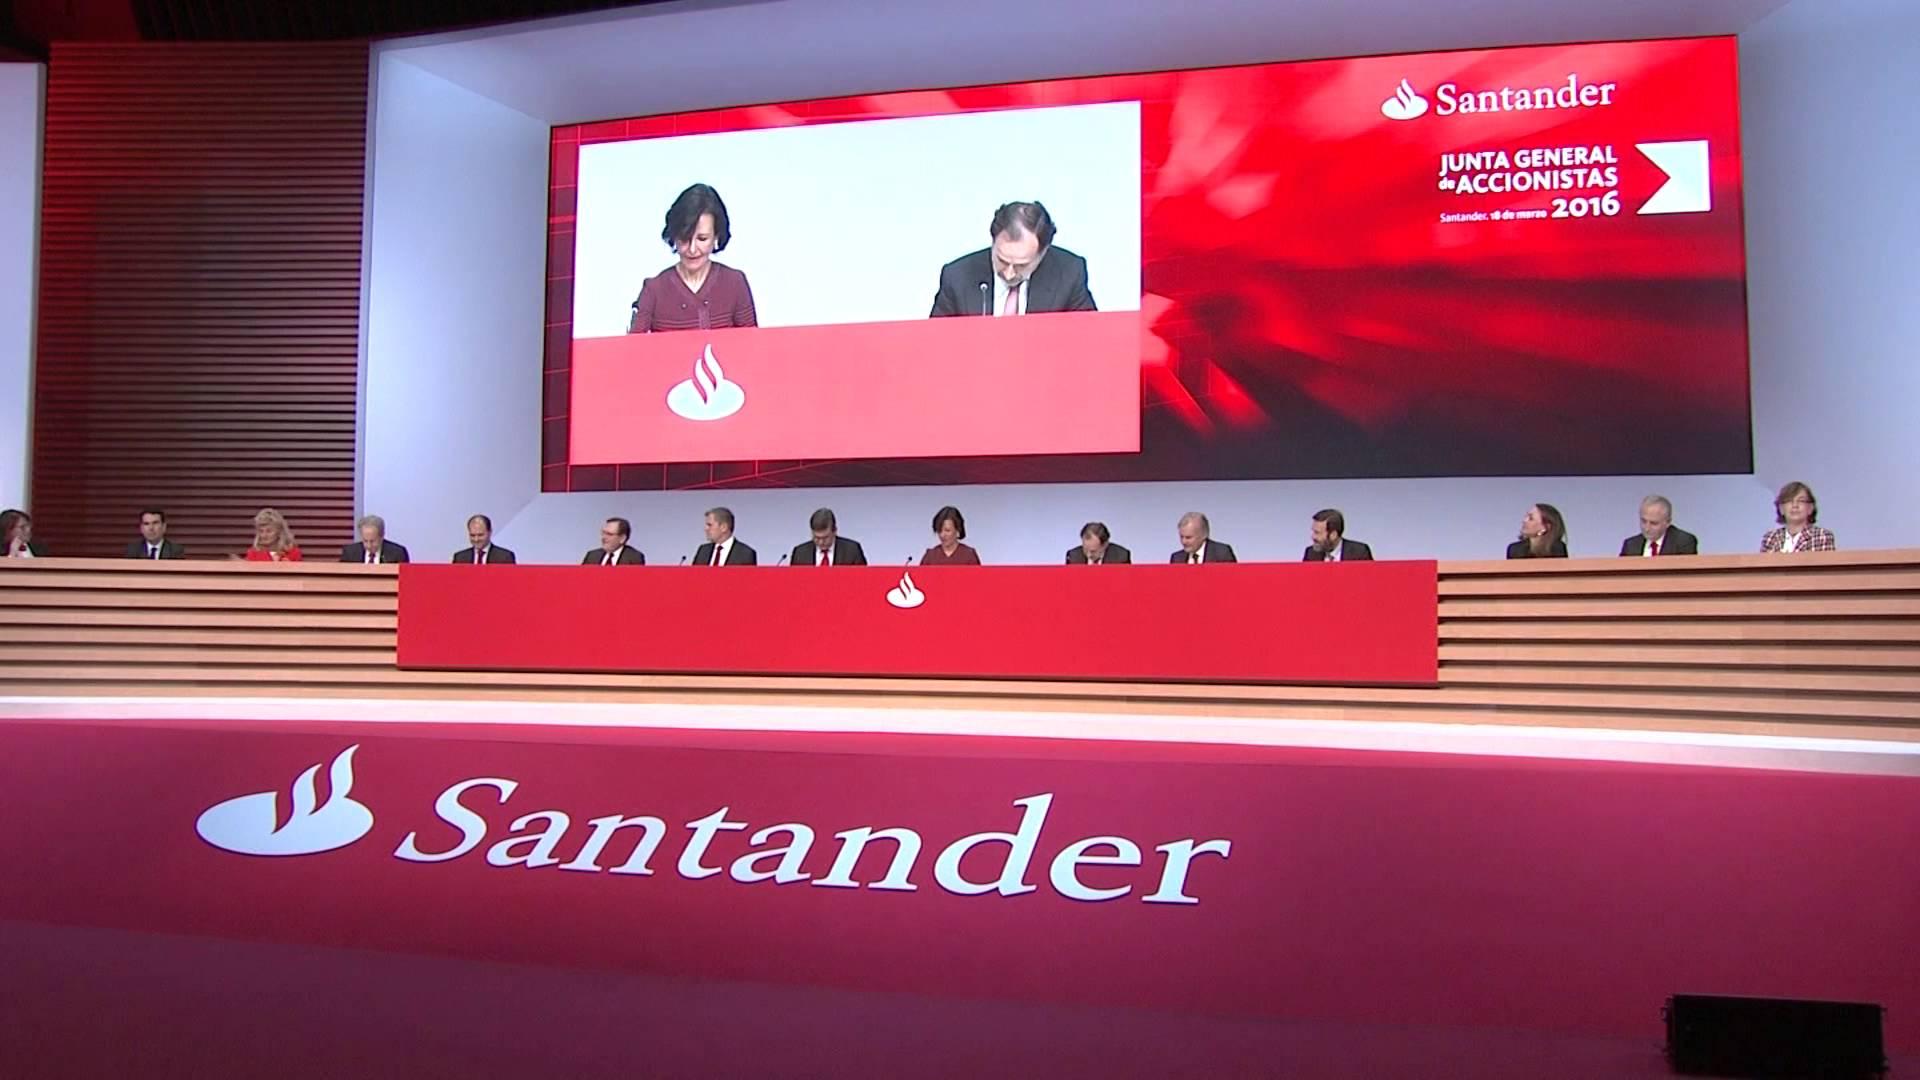 El banco santander cerrar 450 oficinas en espa a aculco for Oficinas banco santander zaragoza capital